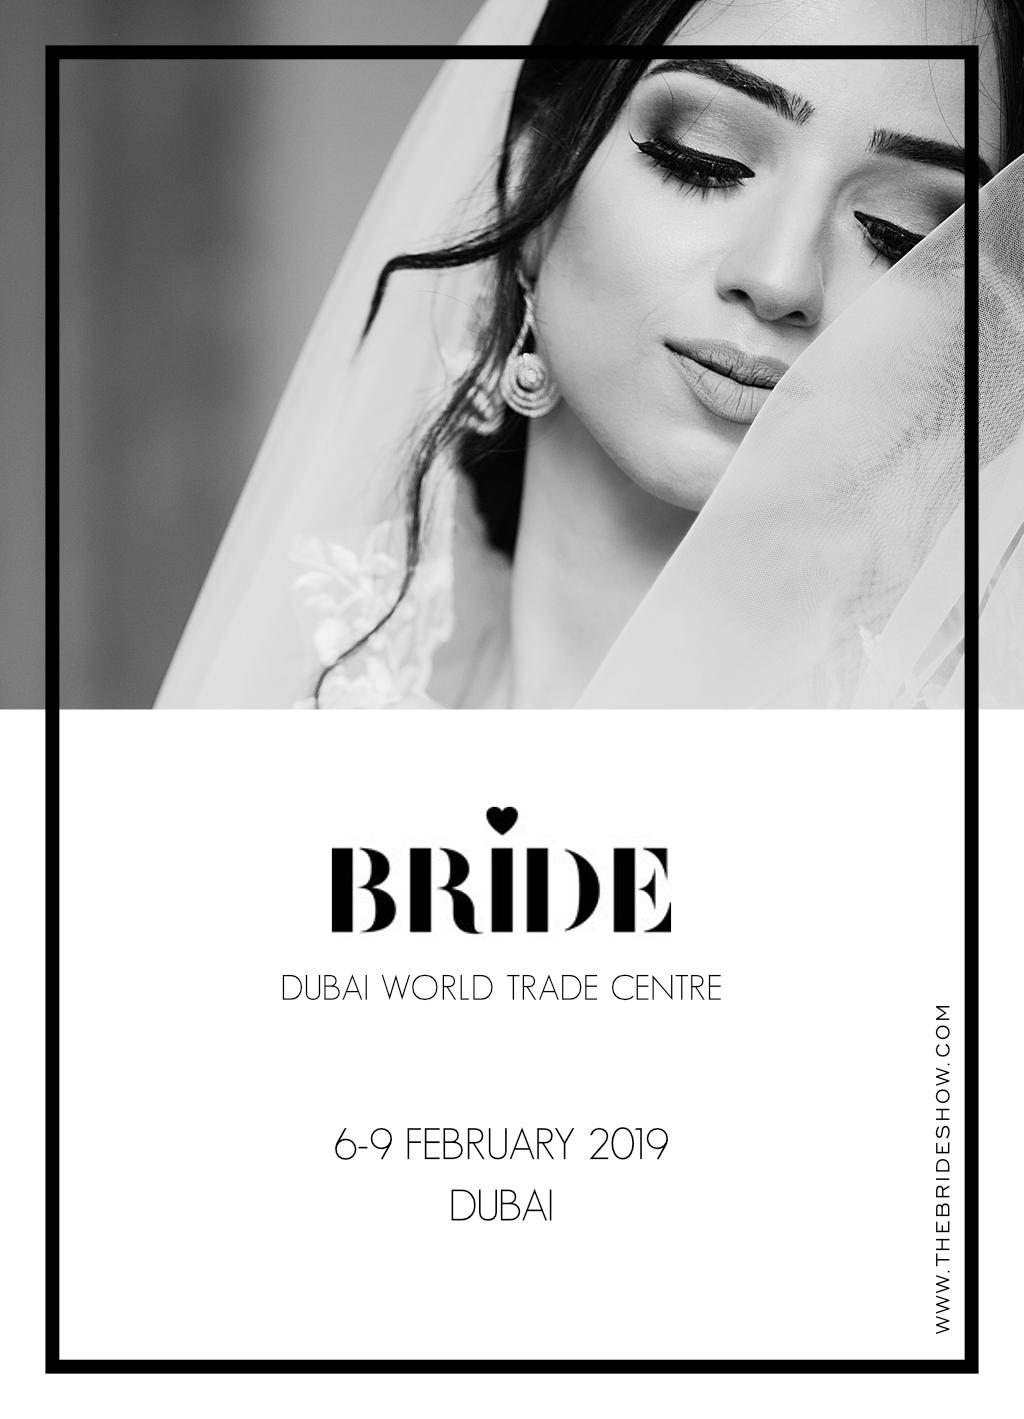 Bride-dubai-2019